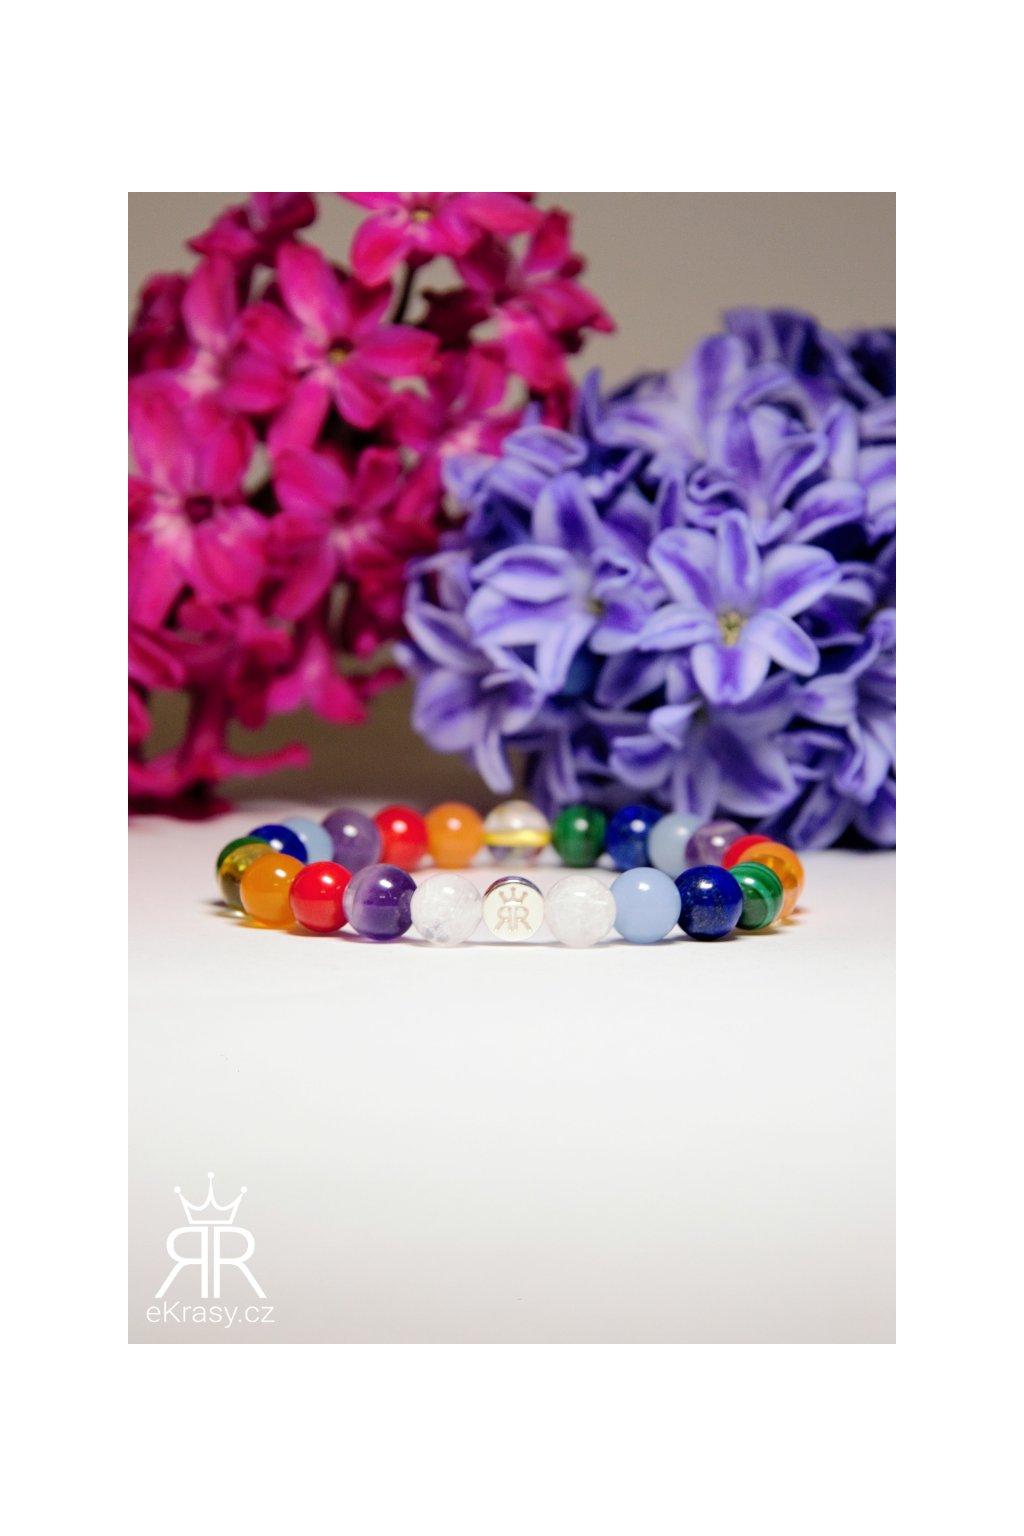 eKrasy náramek Smíšek - barevný náramek na ruku